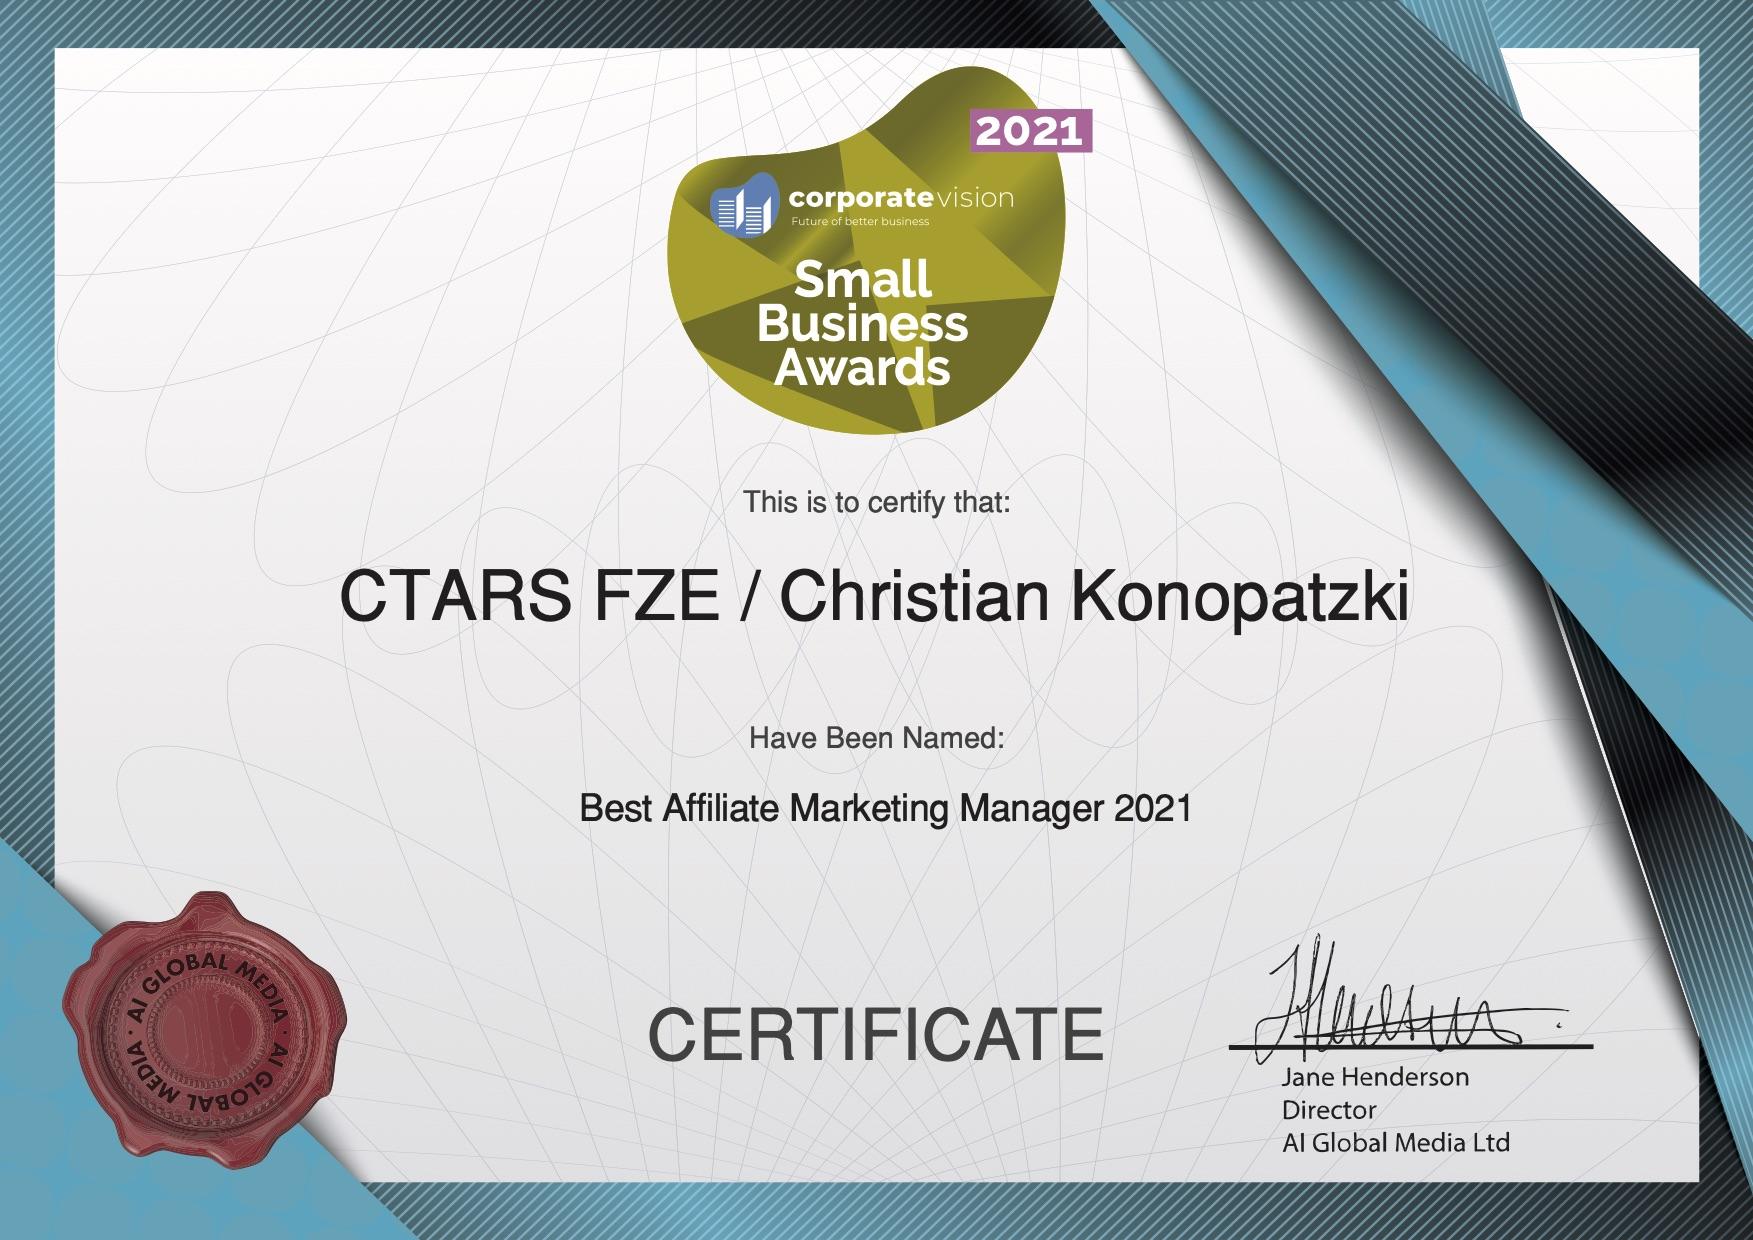 Christian Konopatzki Awarded the Best Affiliate Marketer for 2021